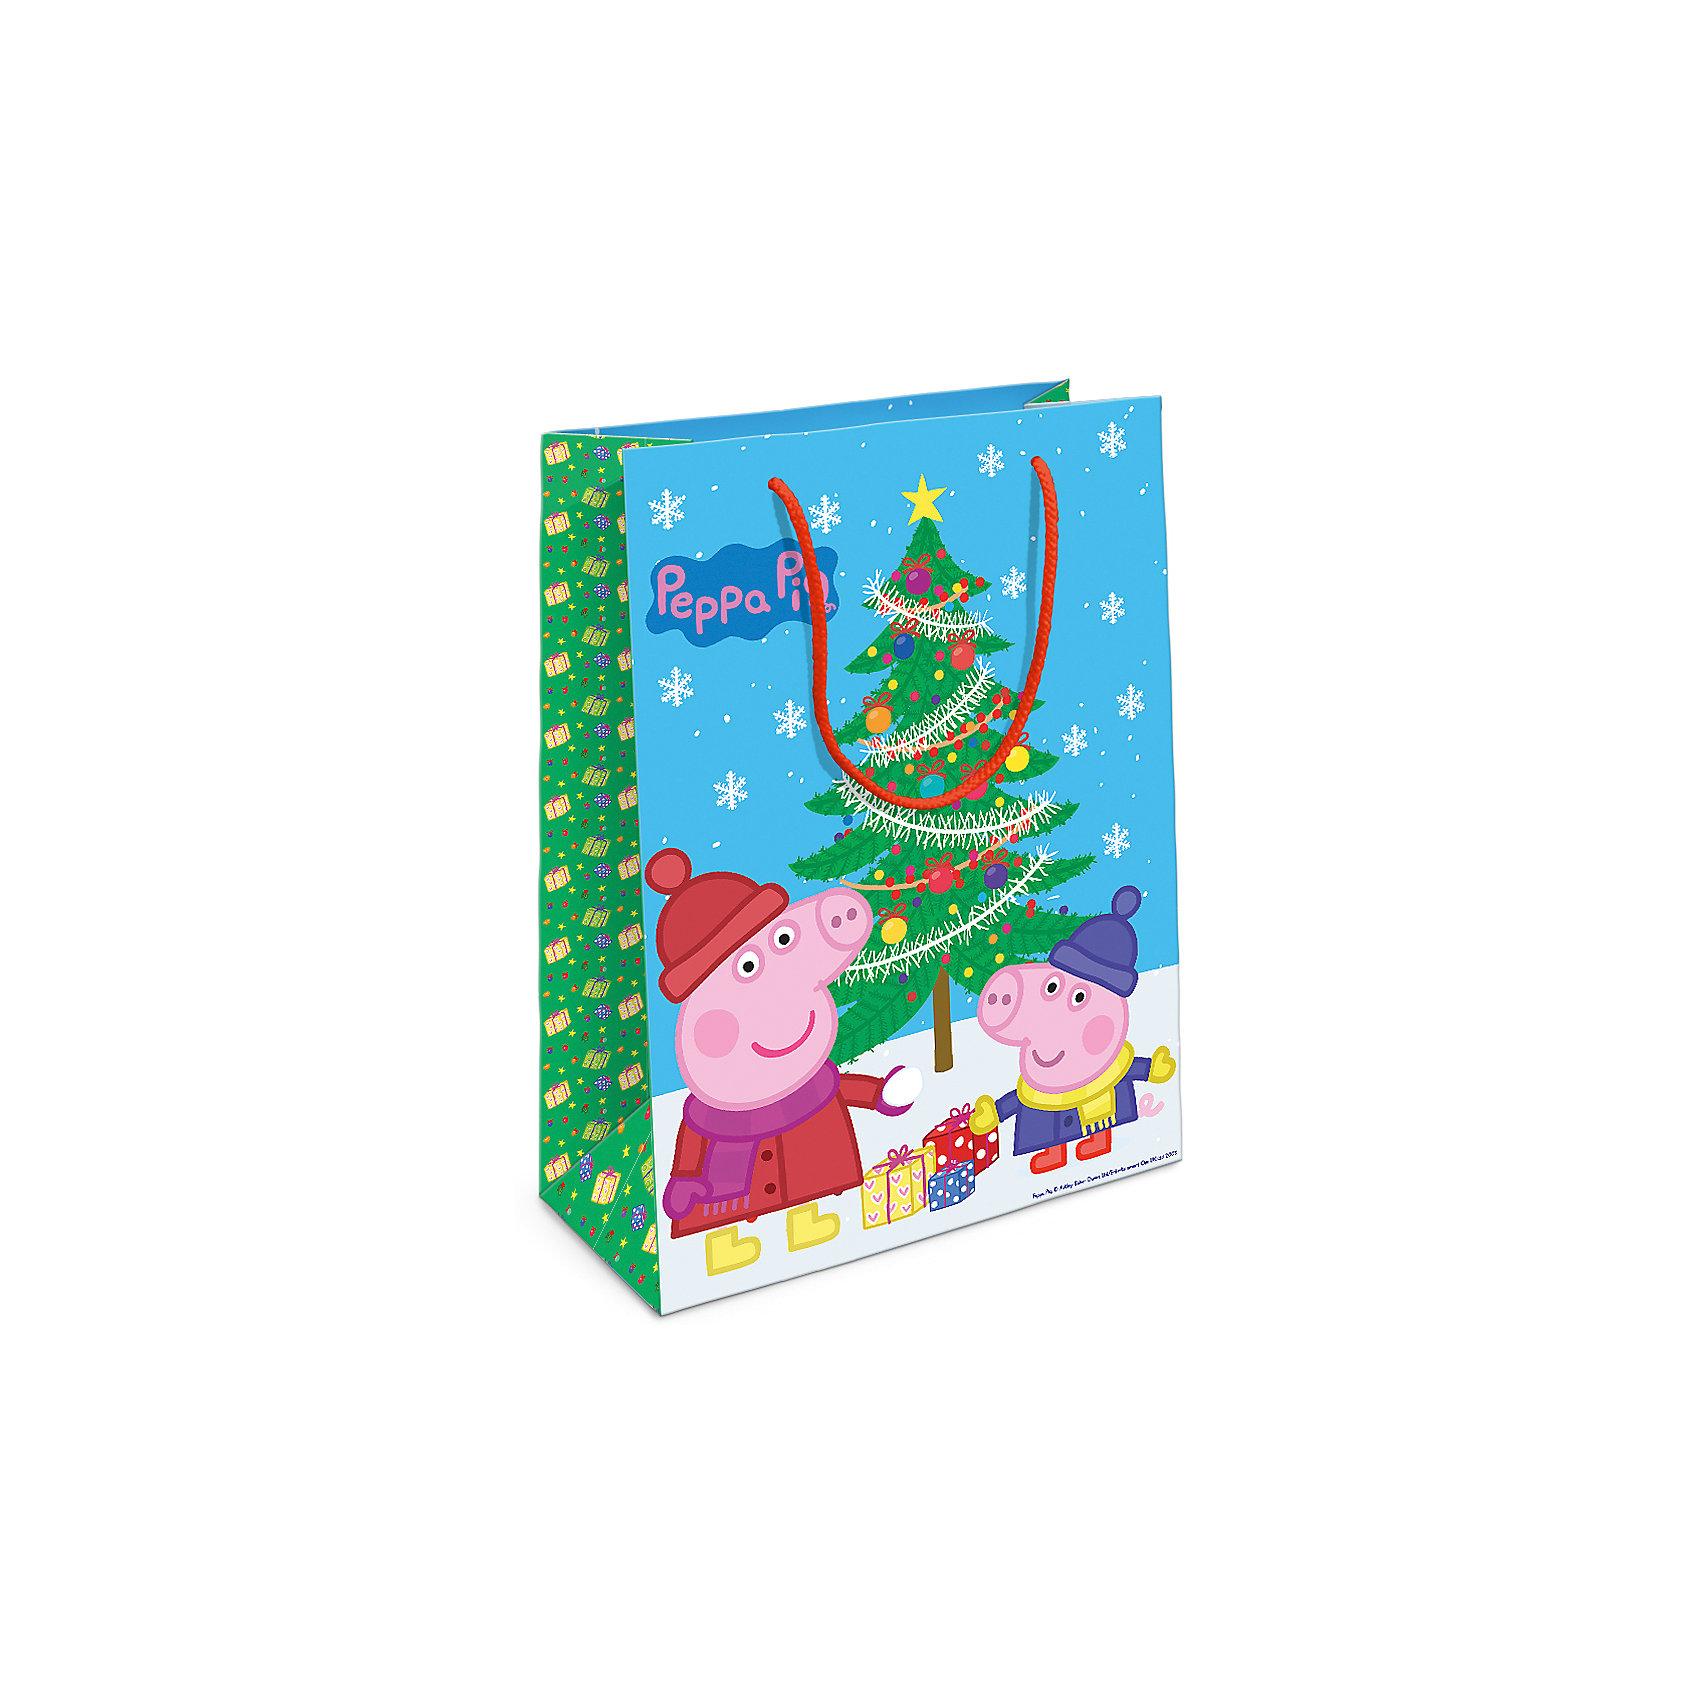 Пакет подарочный Пеппа и елка 350*250*90Всё для праздника<br>Порадуйте малыша новогодним подарком! А красивый подарочный пакет «Пеппа и ёлка» с забавными героями мультфильма «Свинка Пеппа» станет его эффектным дополнением. Размер бумажного подарочного пакета: 35х25х9 см.<br><br>Ширина мм: 350<br>Глубина мм: 250<br>Высота мм: 3<br>Вес г: 41<br>Возраст от месяцев: 36<br>Возраст до месяцев: 120<br>Пол: Унисекс<br>Возраст: Детский<br>SKU: 5016463